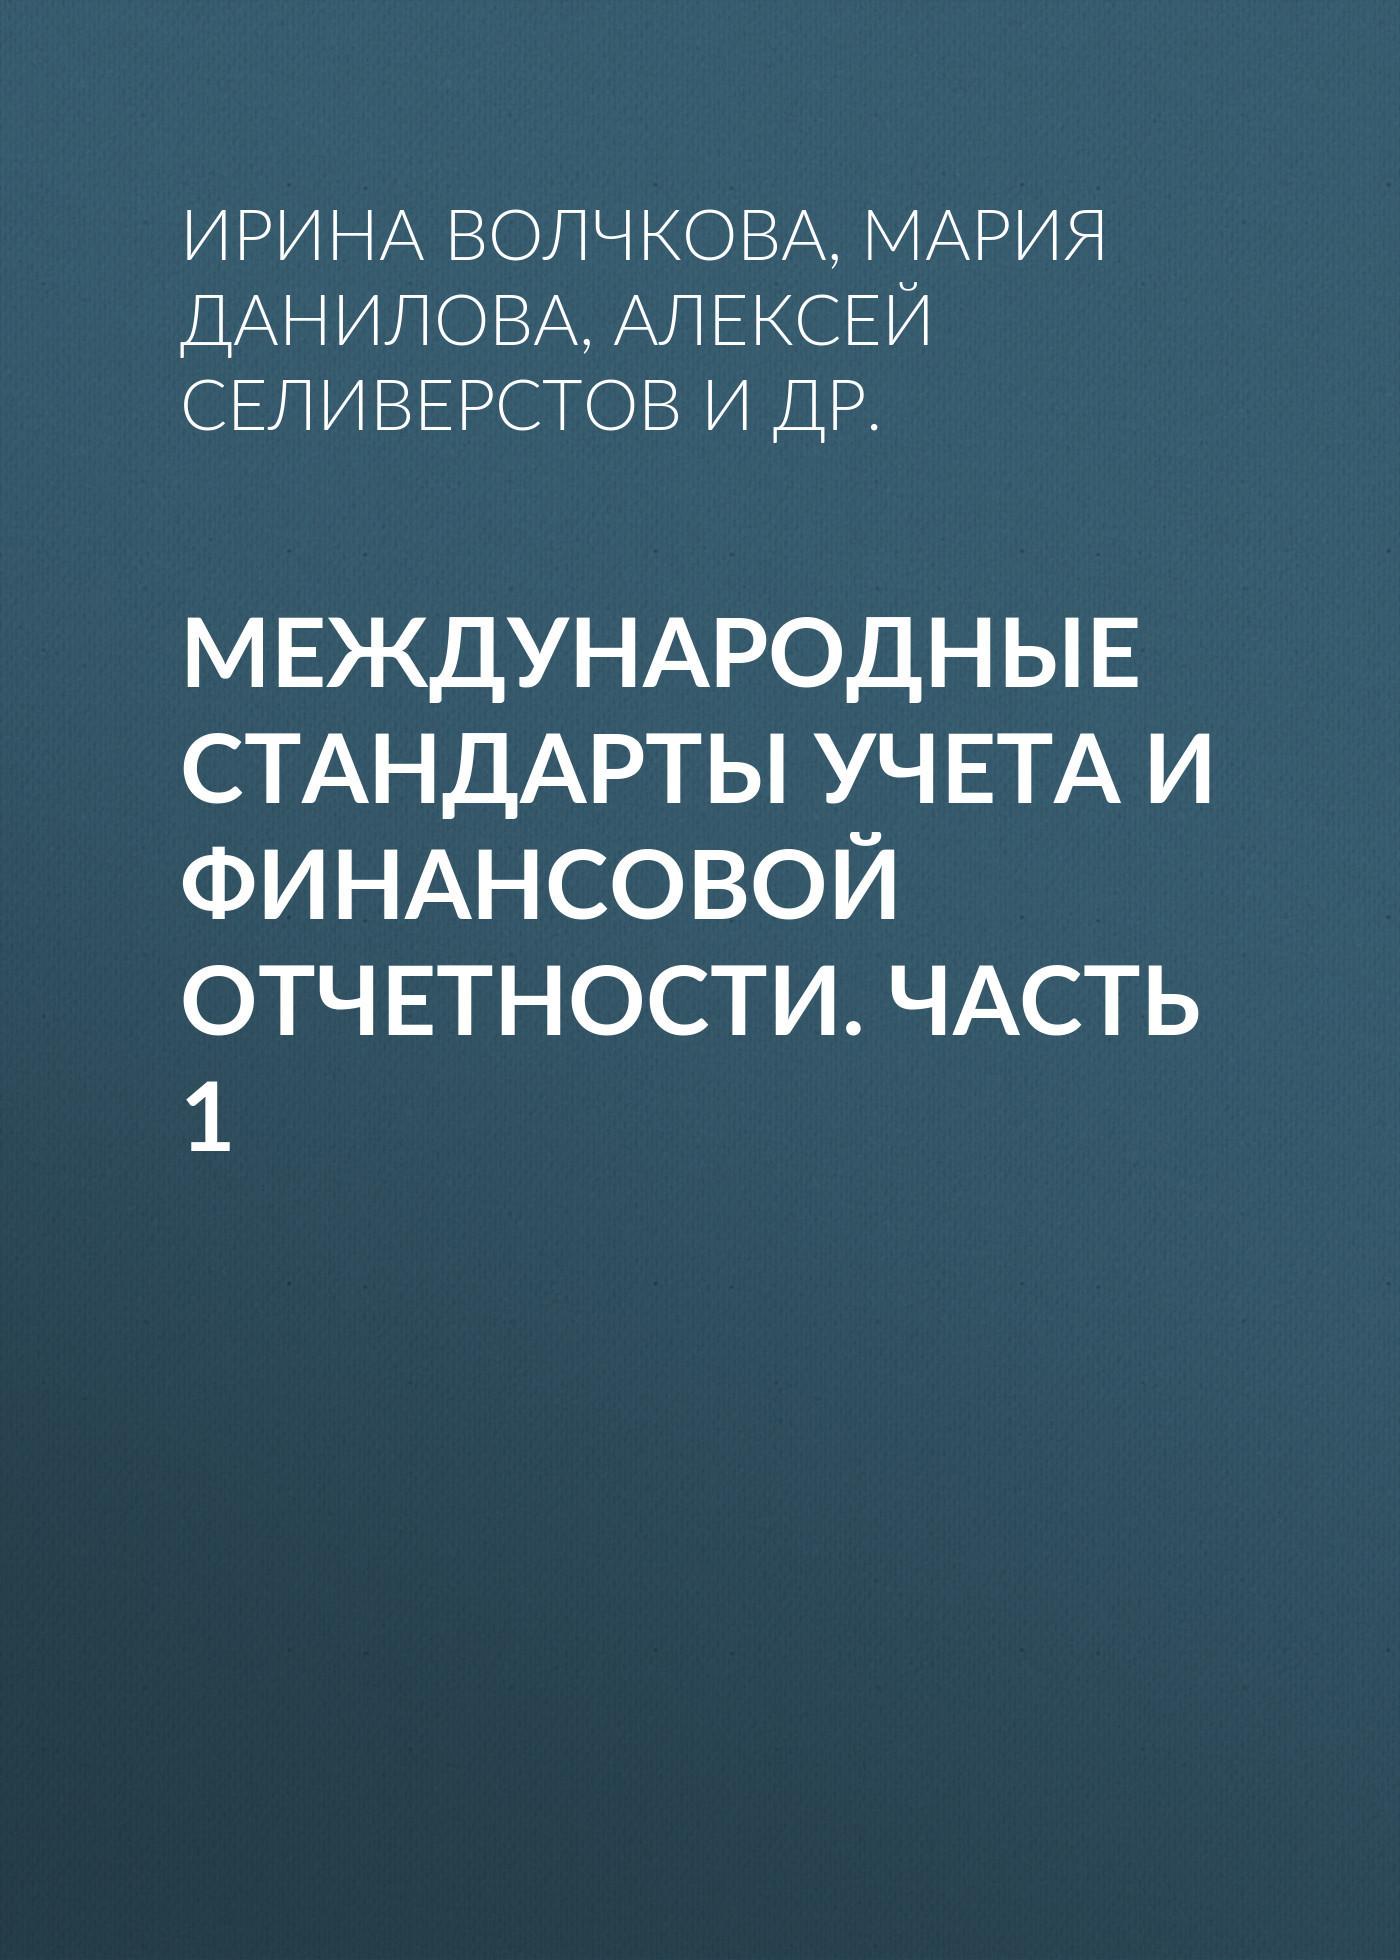 Обложка книги. Автор - Юлия Подопригора